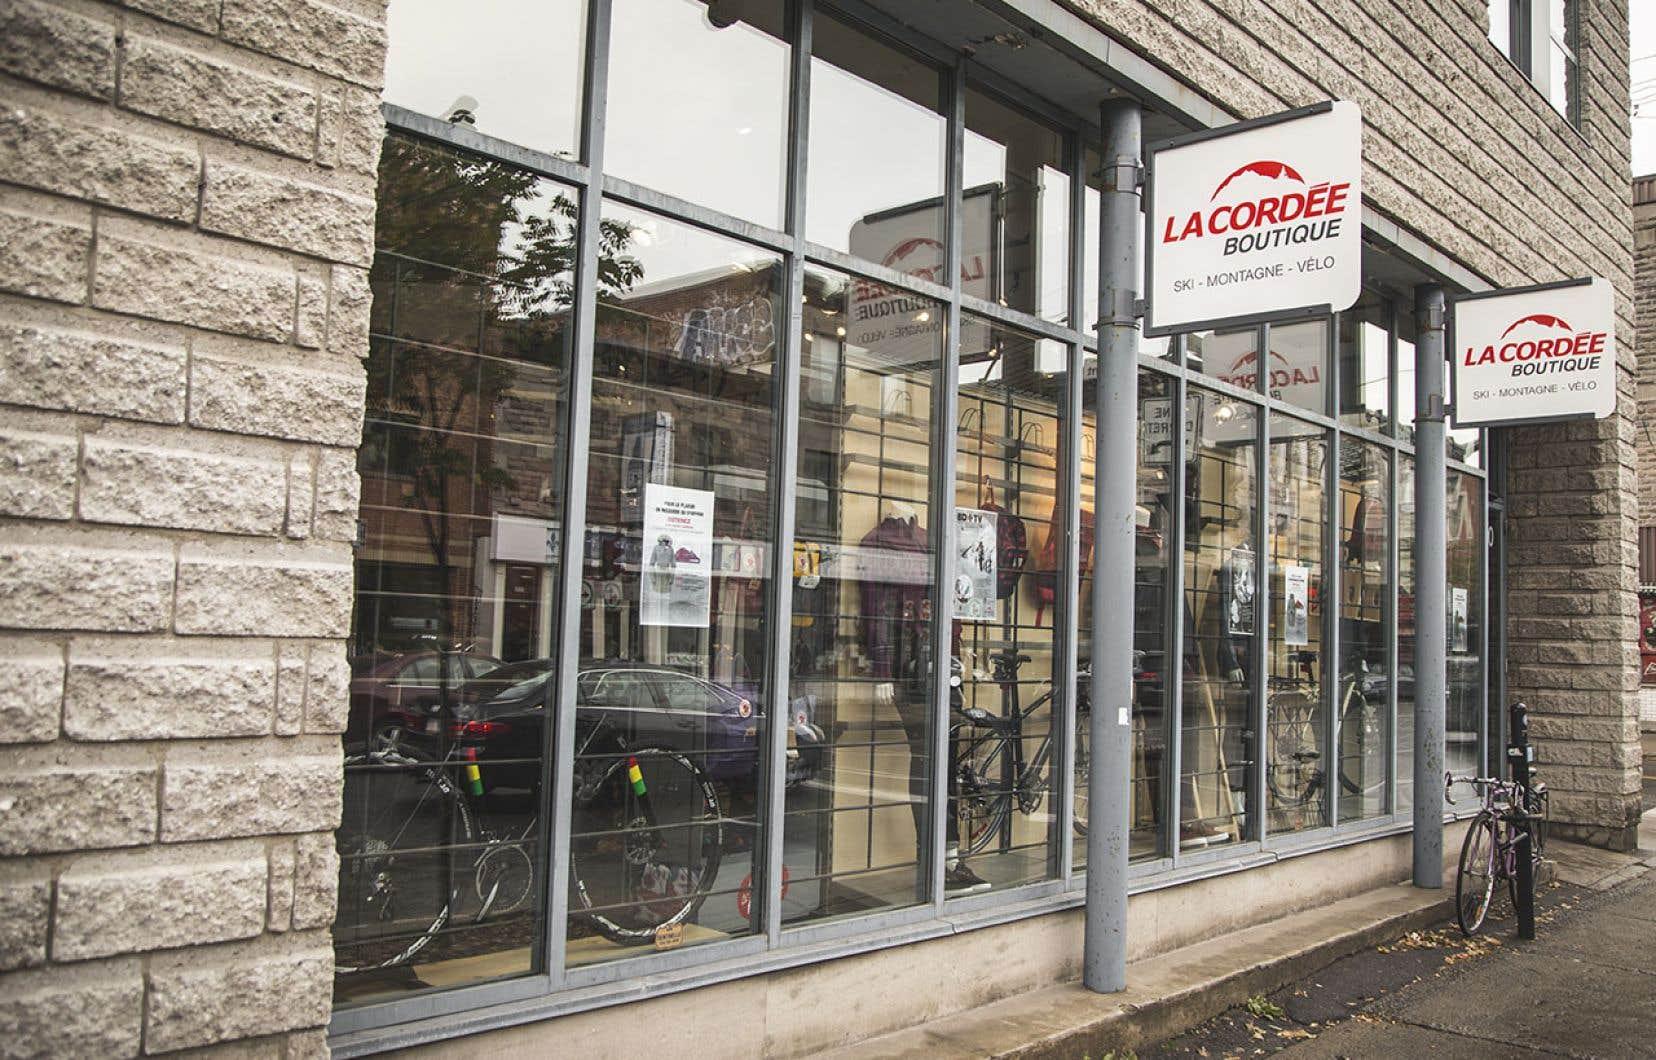 <p>Fondée en 1953 sous la forme d'une coopérative, le détaillant compte quelque 400 employés répartis dans cinq magasins.</p>